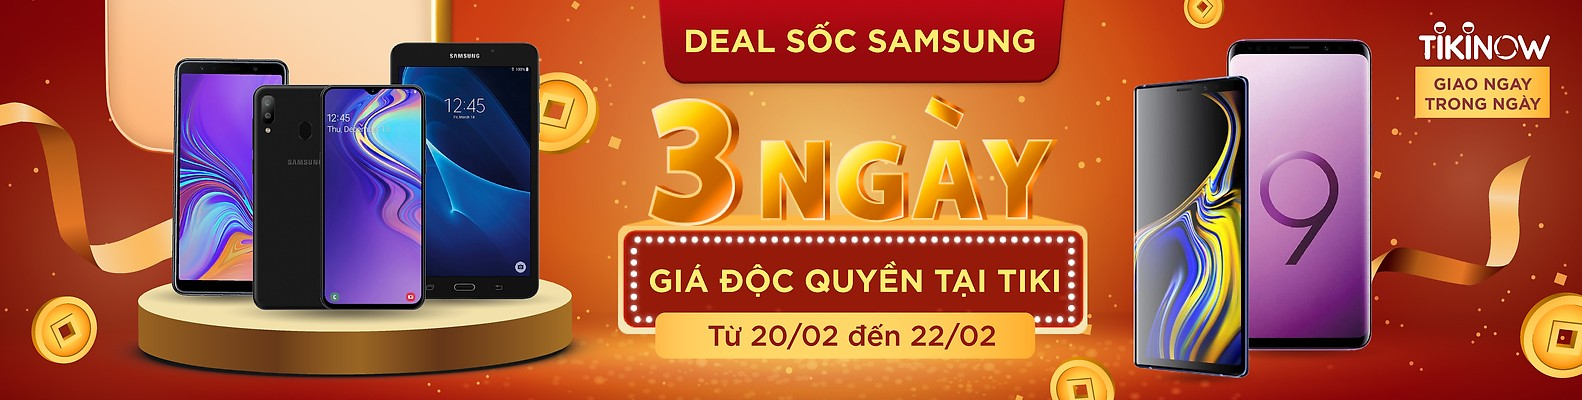 Deal sốc Samsung 3 ngày vàng